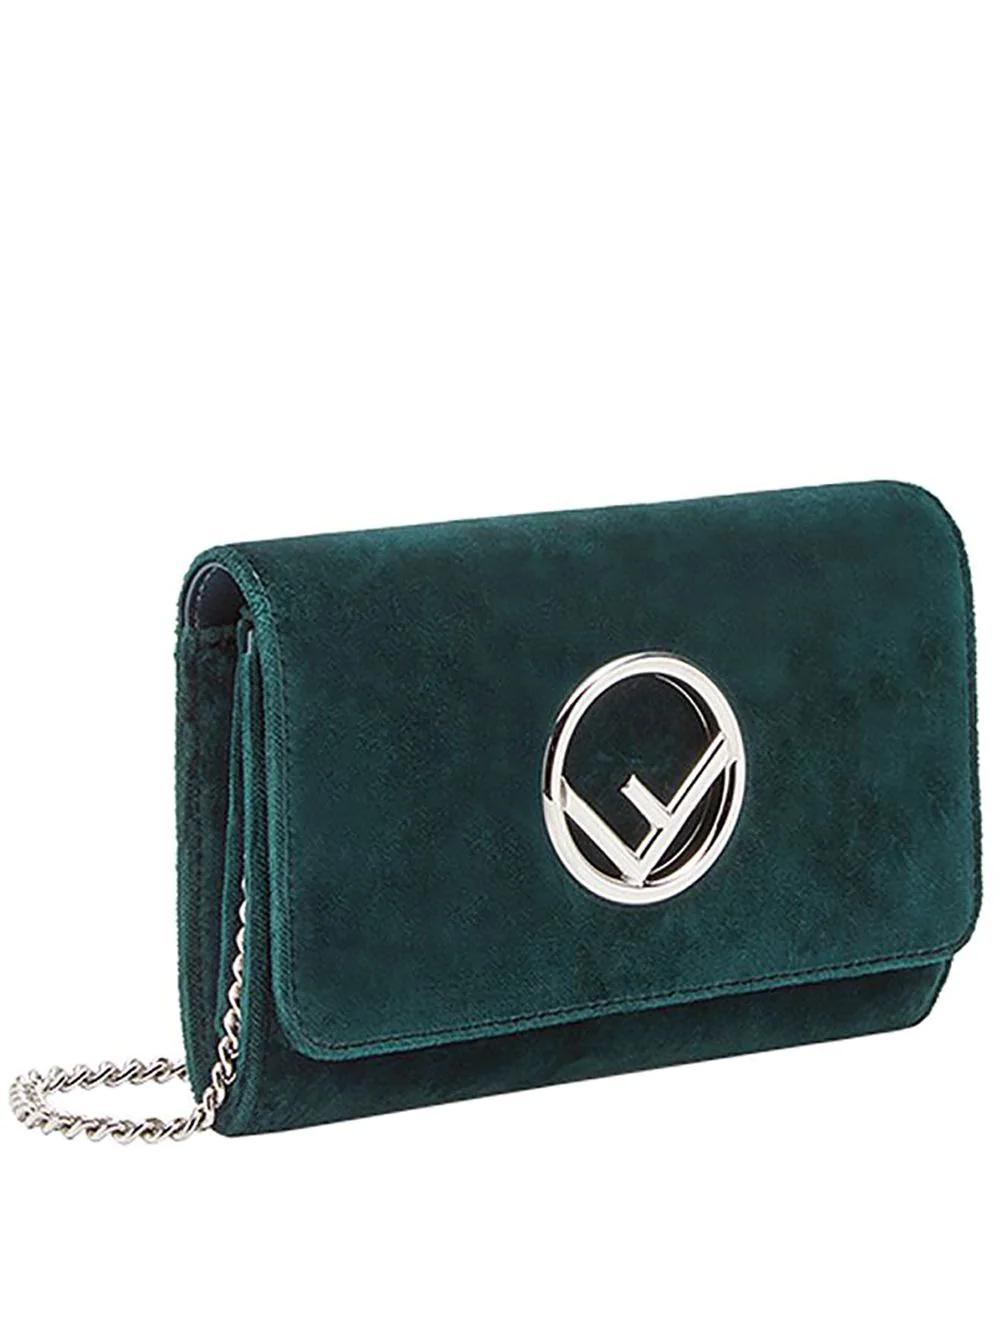 FENDI | сумка-кошелек размера мини на цепочке | Clouty